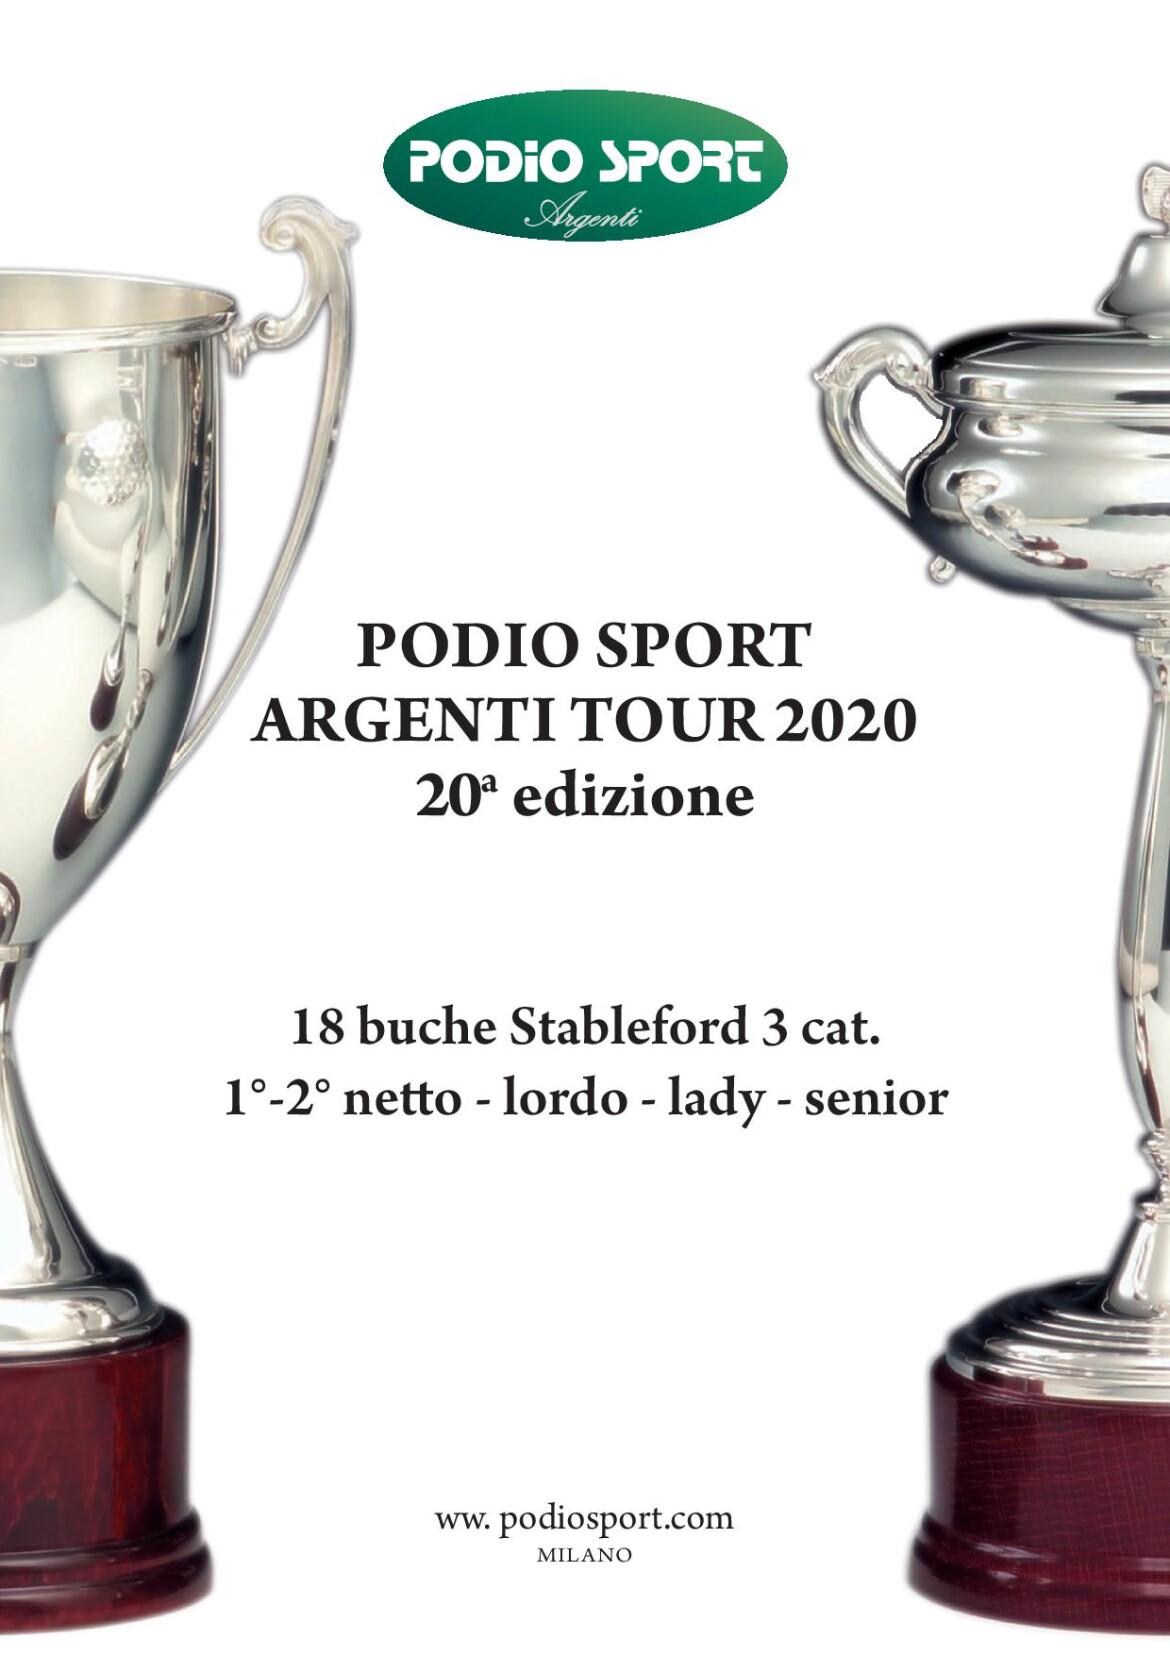 PODIO SPORT ARGENTI TOUR 2020